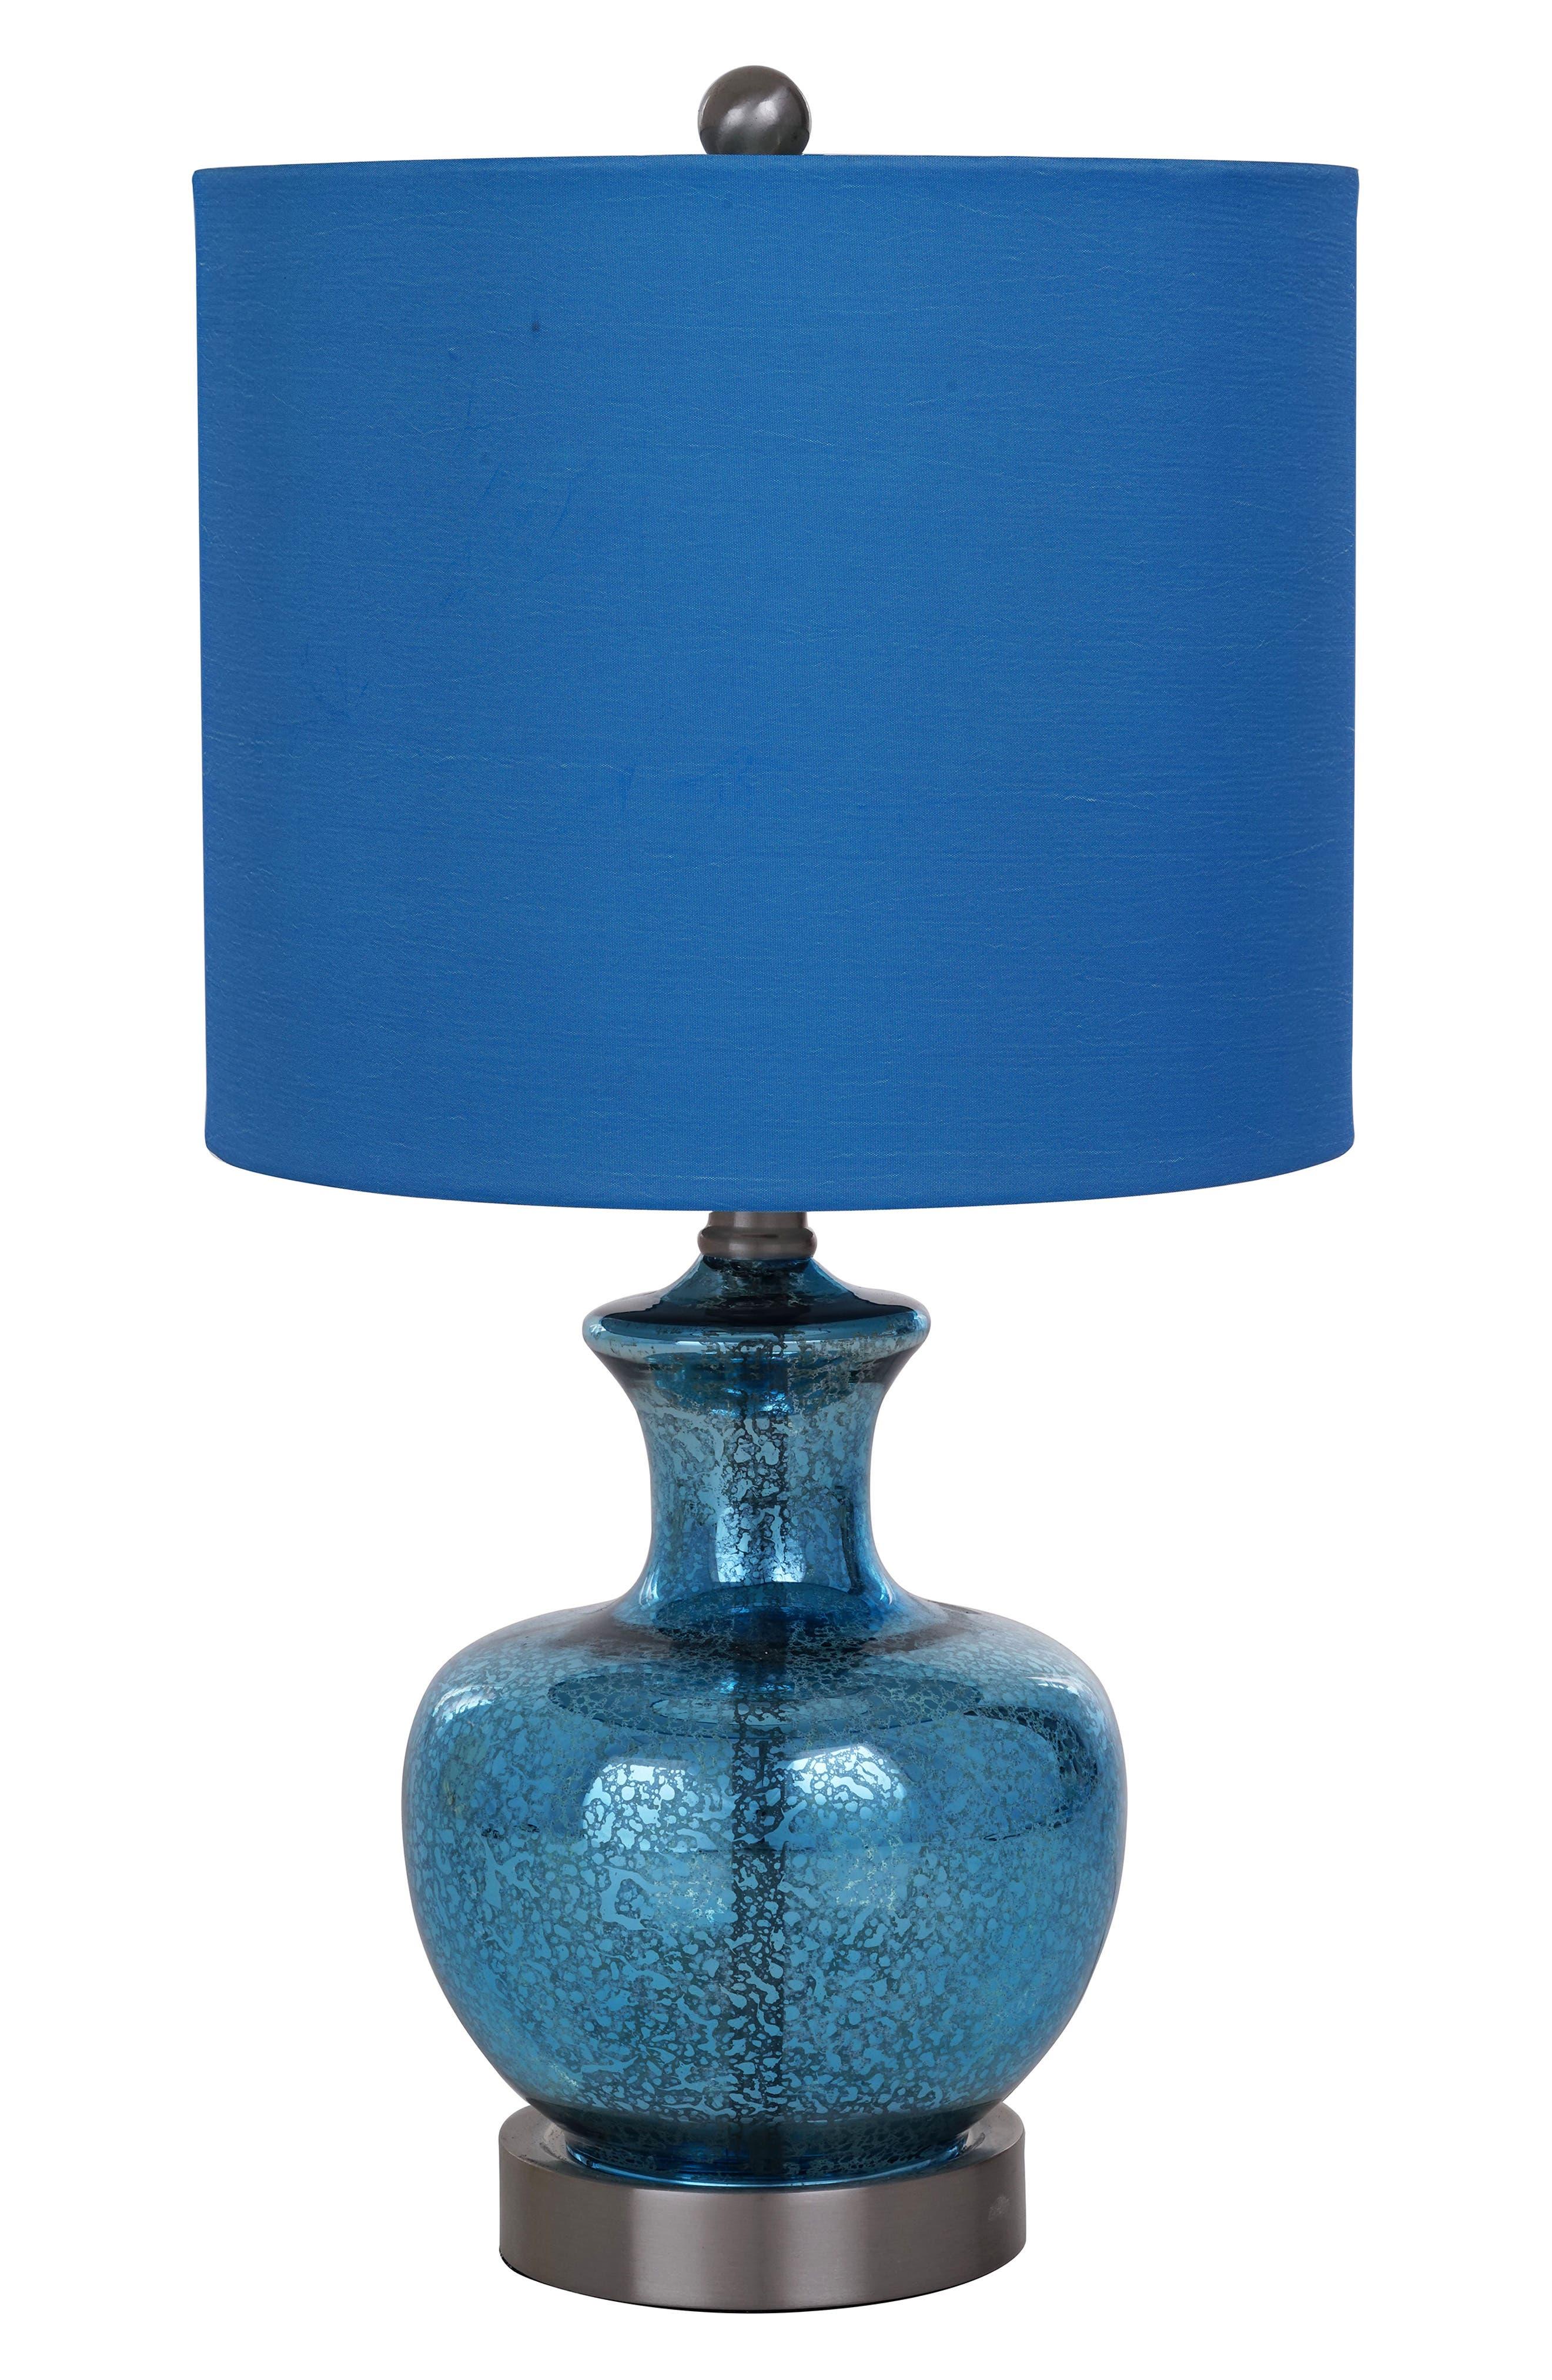 Jalexander Lighting Blue Glass Table Lamp Nordstrom